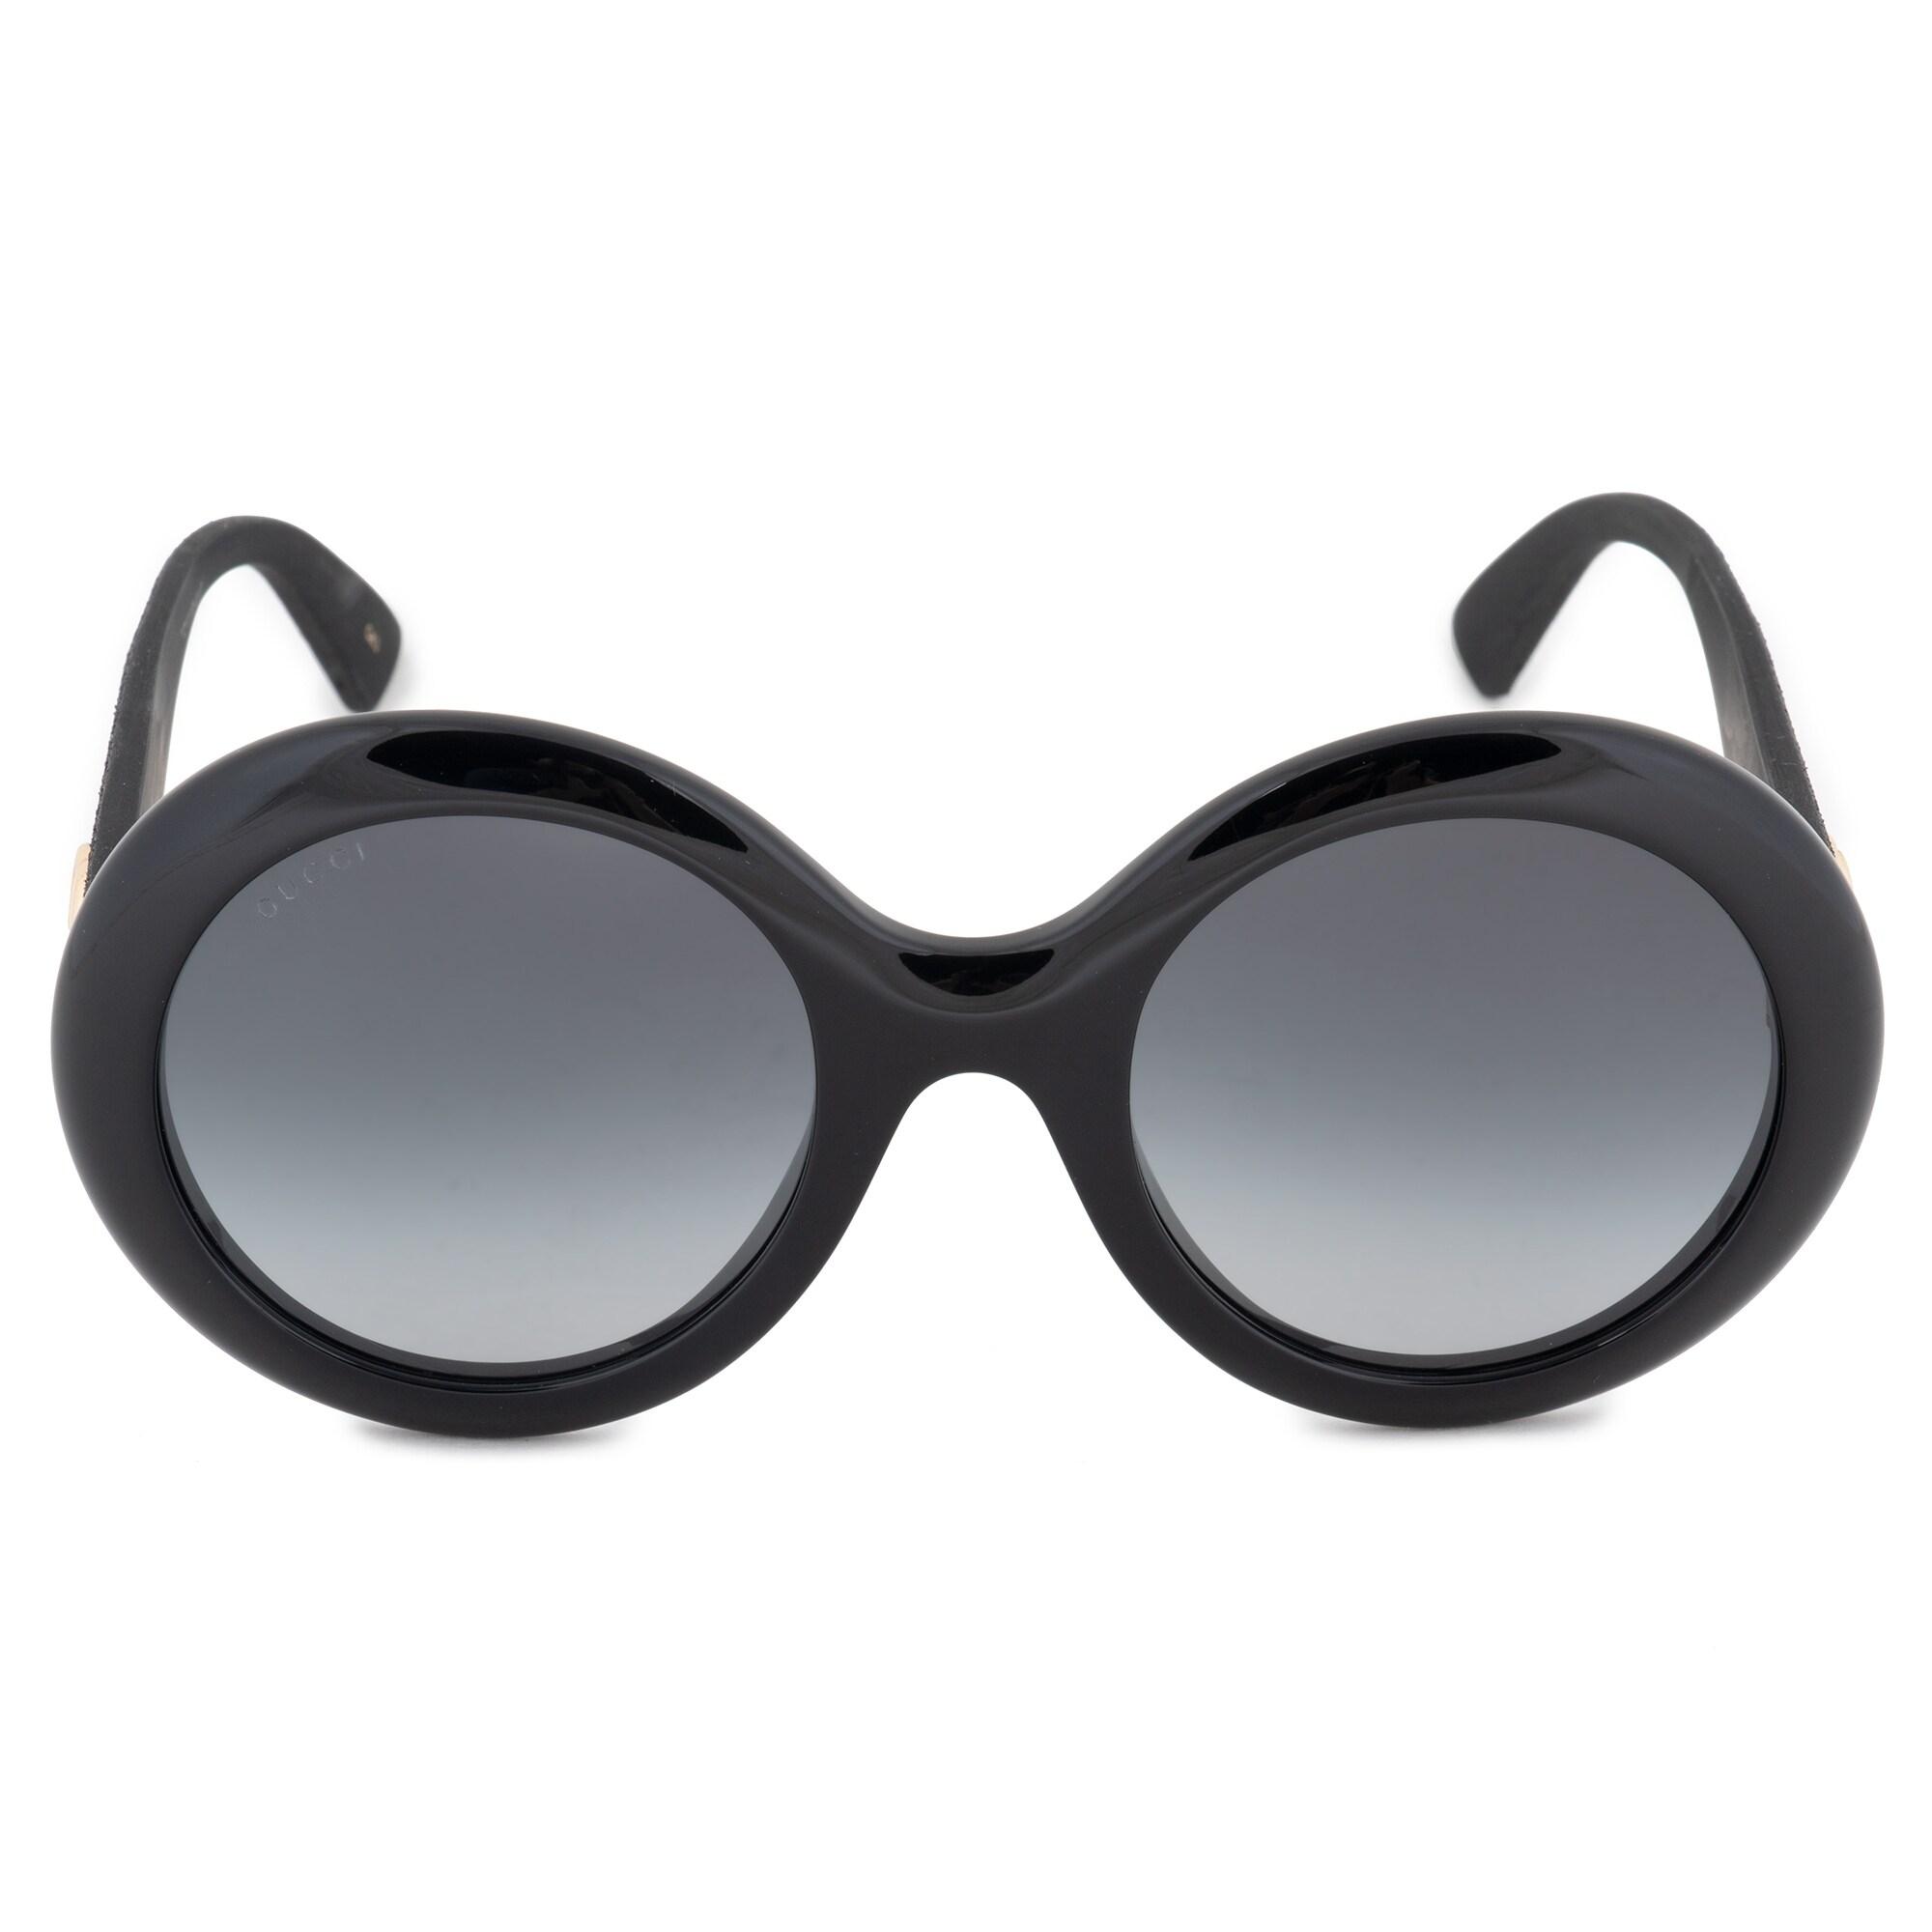 c51dd3c6a34 Gucci Sunglasses